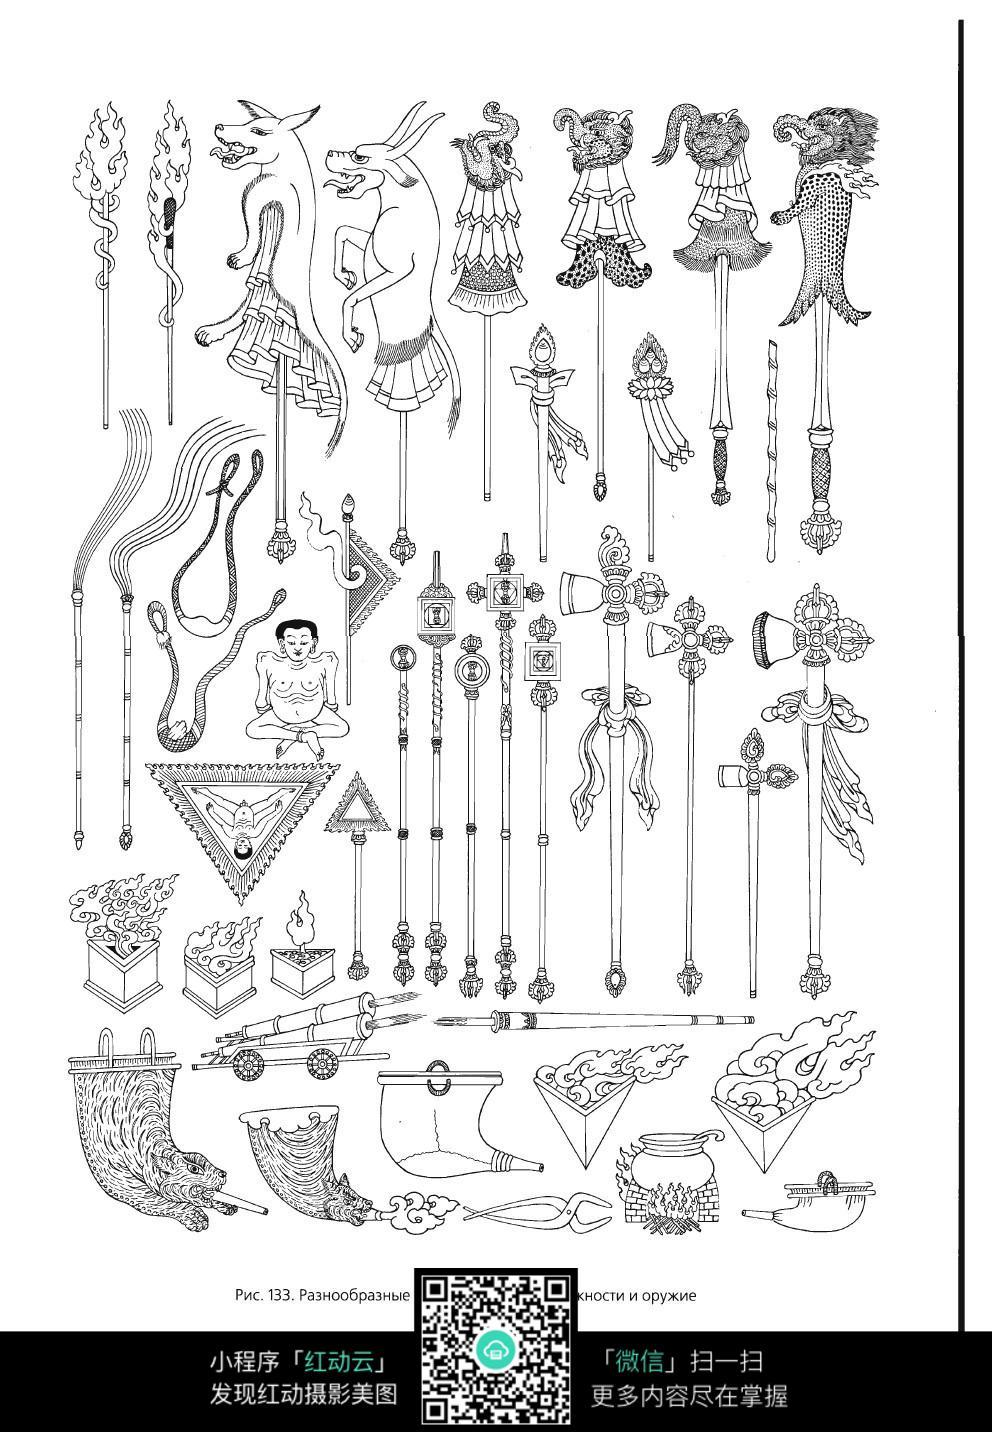 西藏符号手绘线描图片素材